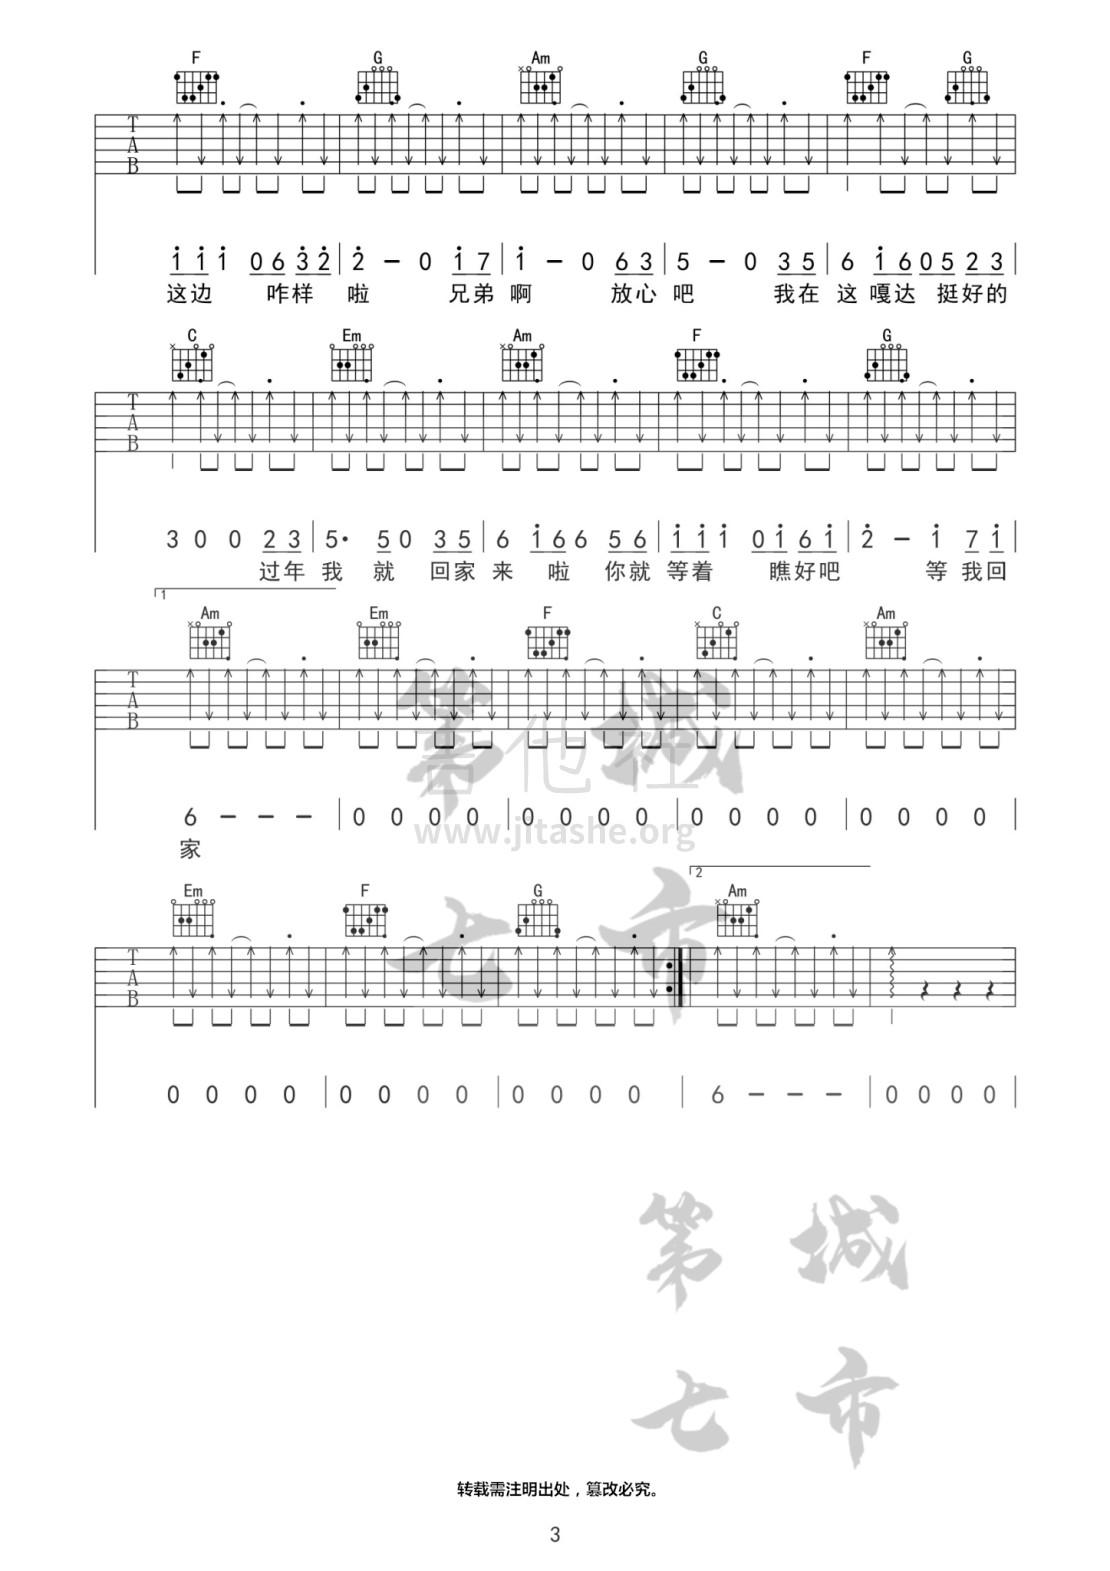 兄弟想你了吉他谱(图片谱,兄弟想你了,刘潇,第七城市)_潇公子(刘潇)_兄弟想你了水印3.jpg